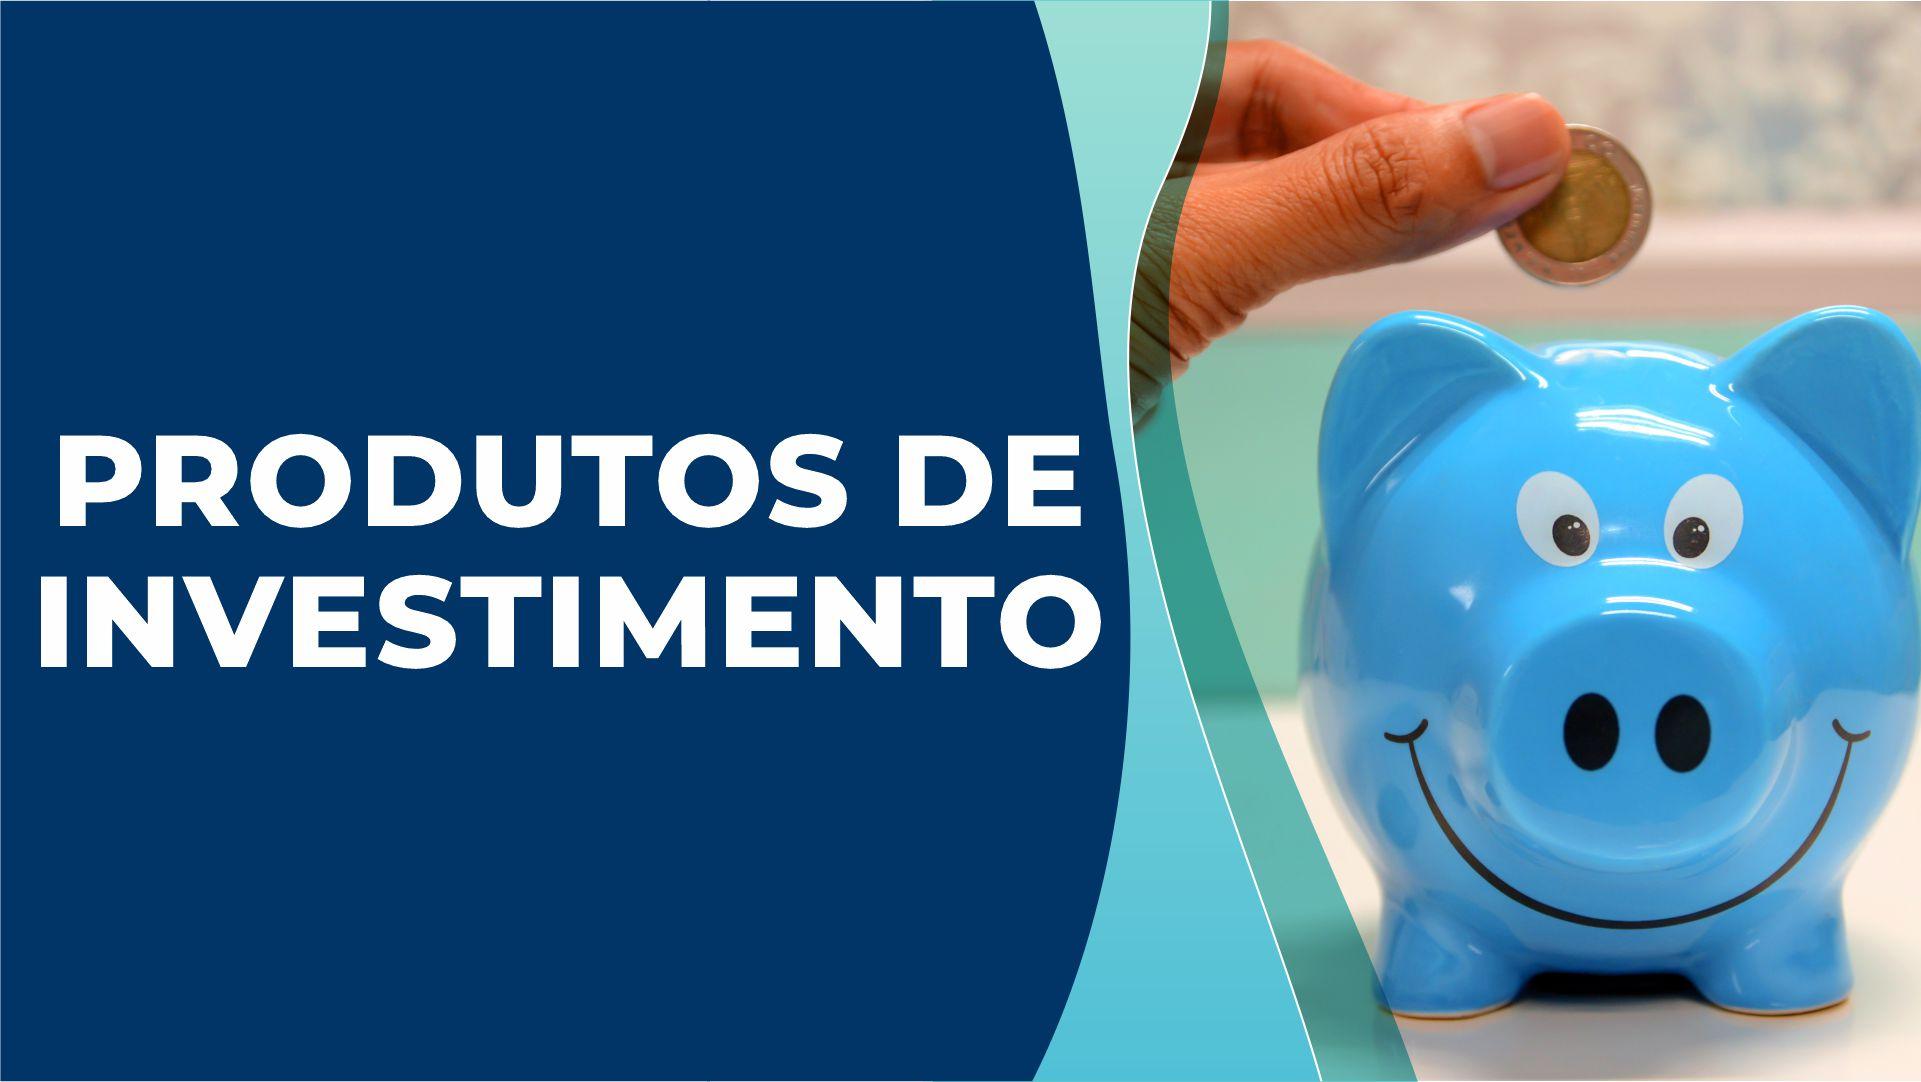 Produtos de Investimento – Entenda melhor sobre cada um deles